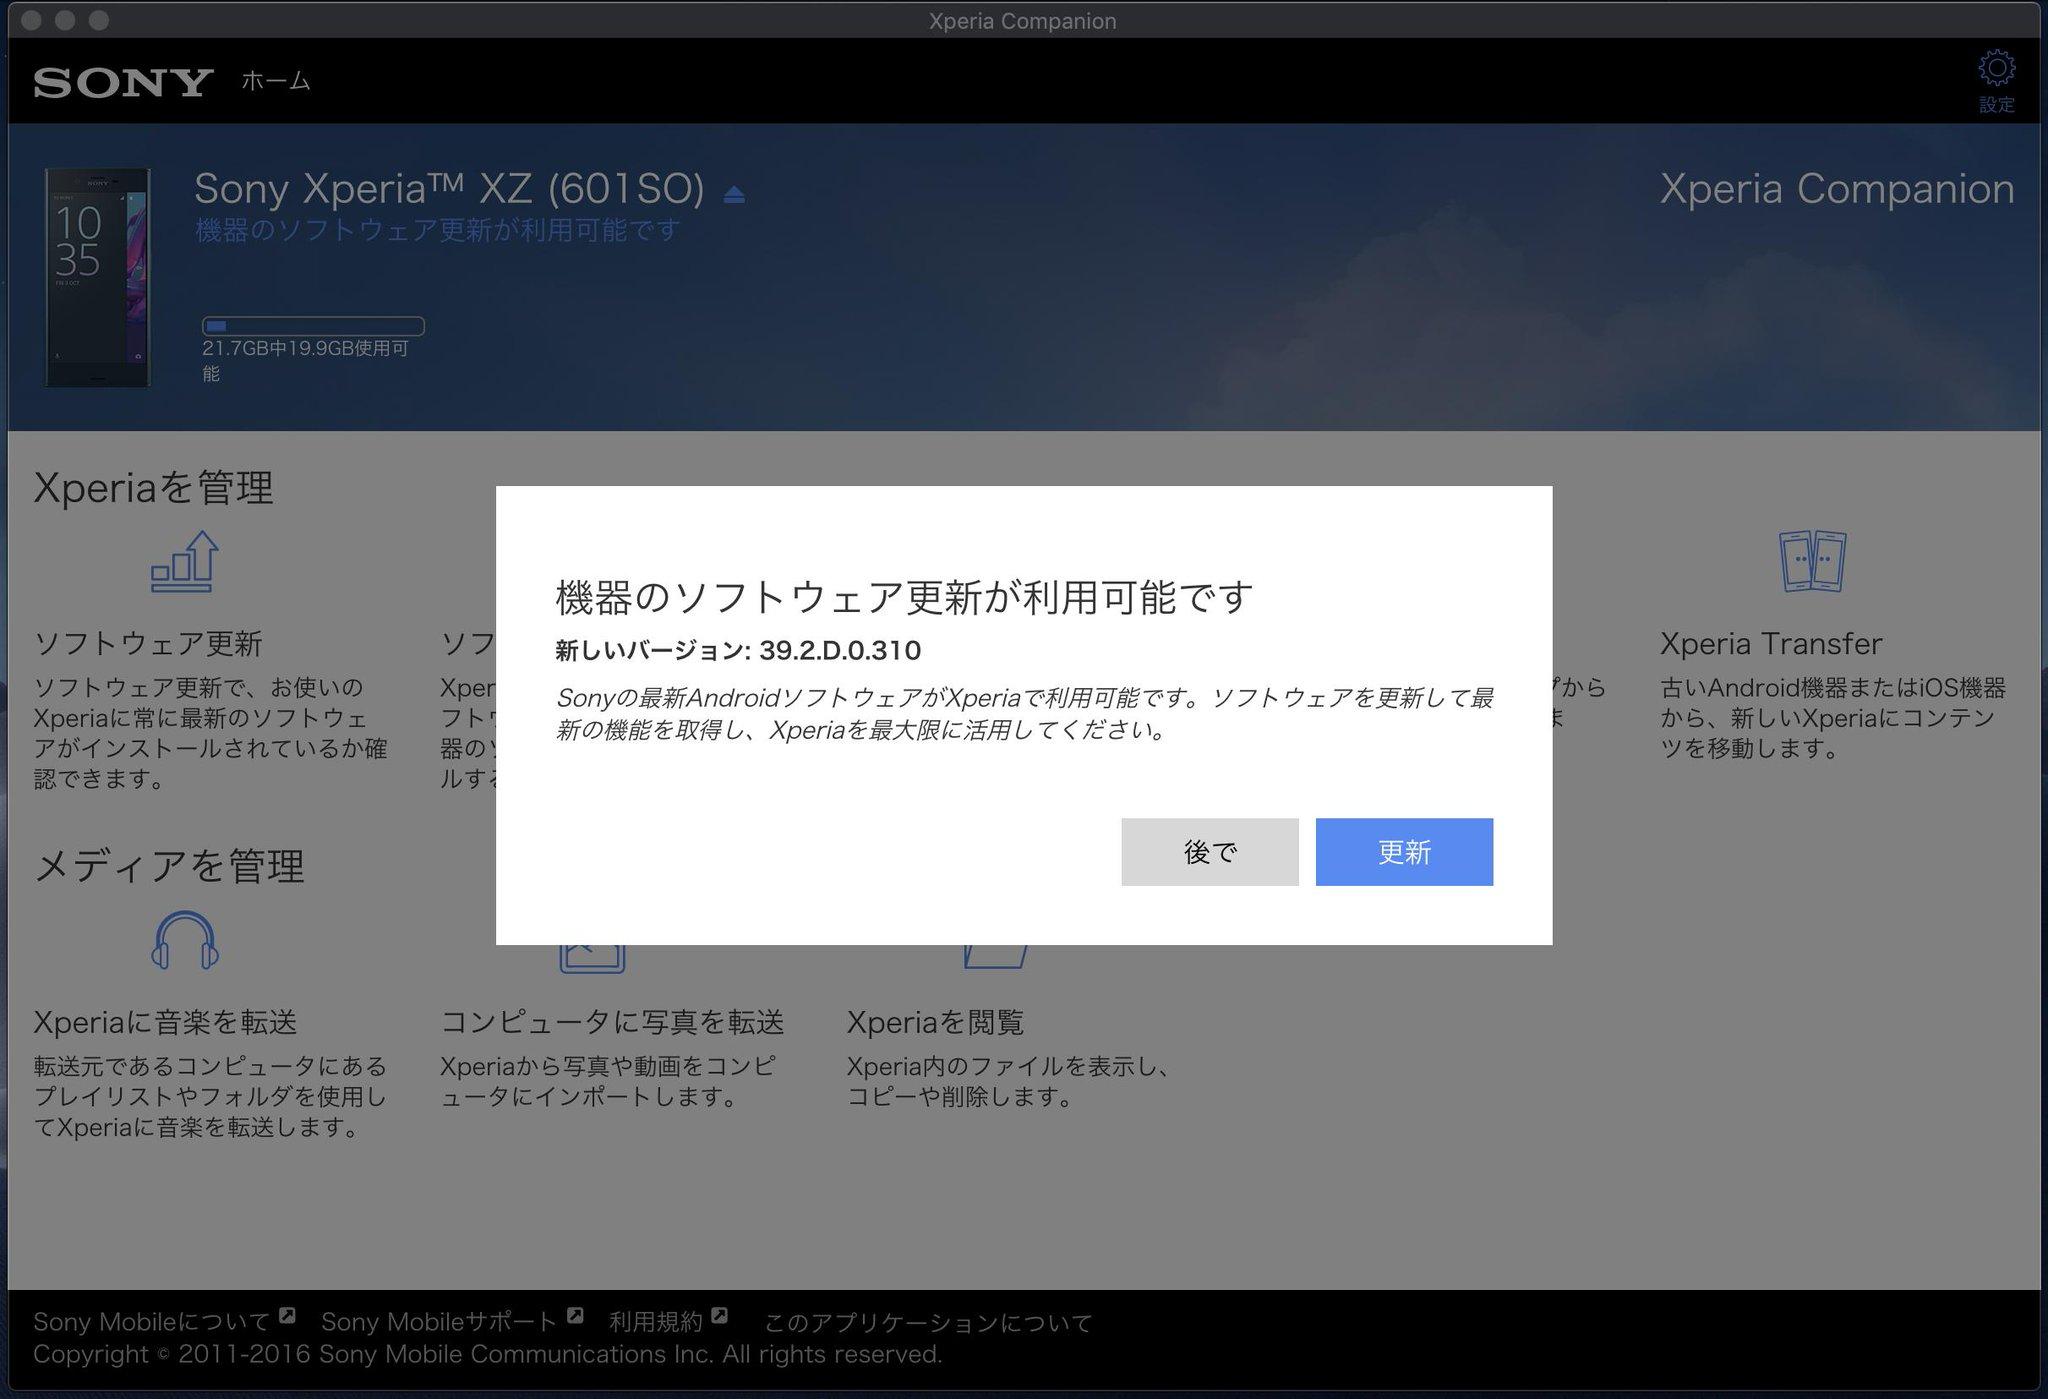 Xperia XZ 単体ではエラーが出てダメだったけど、Xperia Companion のおかげでソフトウェア更新できた。 39.2.D.0.303 から 39.2.D.0.310 → 39.2.D.0.320 → 39.2.D.0.331 → 39.2.D.0.340 → 39.2.D.0.354 → 39.2.D.0.361 とソフトウェア更新を6回実施。Android 7.0 からバージョンは上がらない。 https://t.co/U40igjQBeV